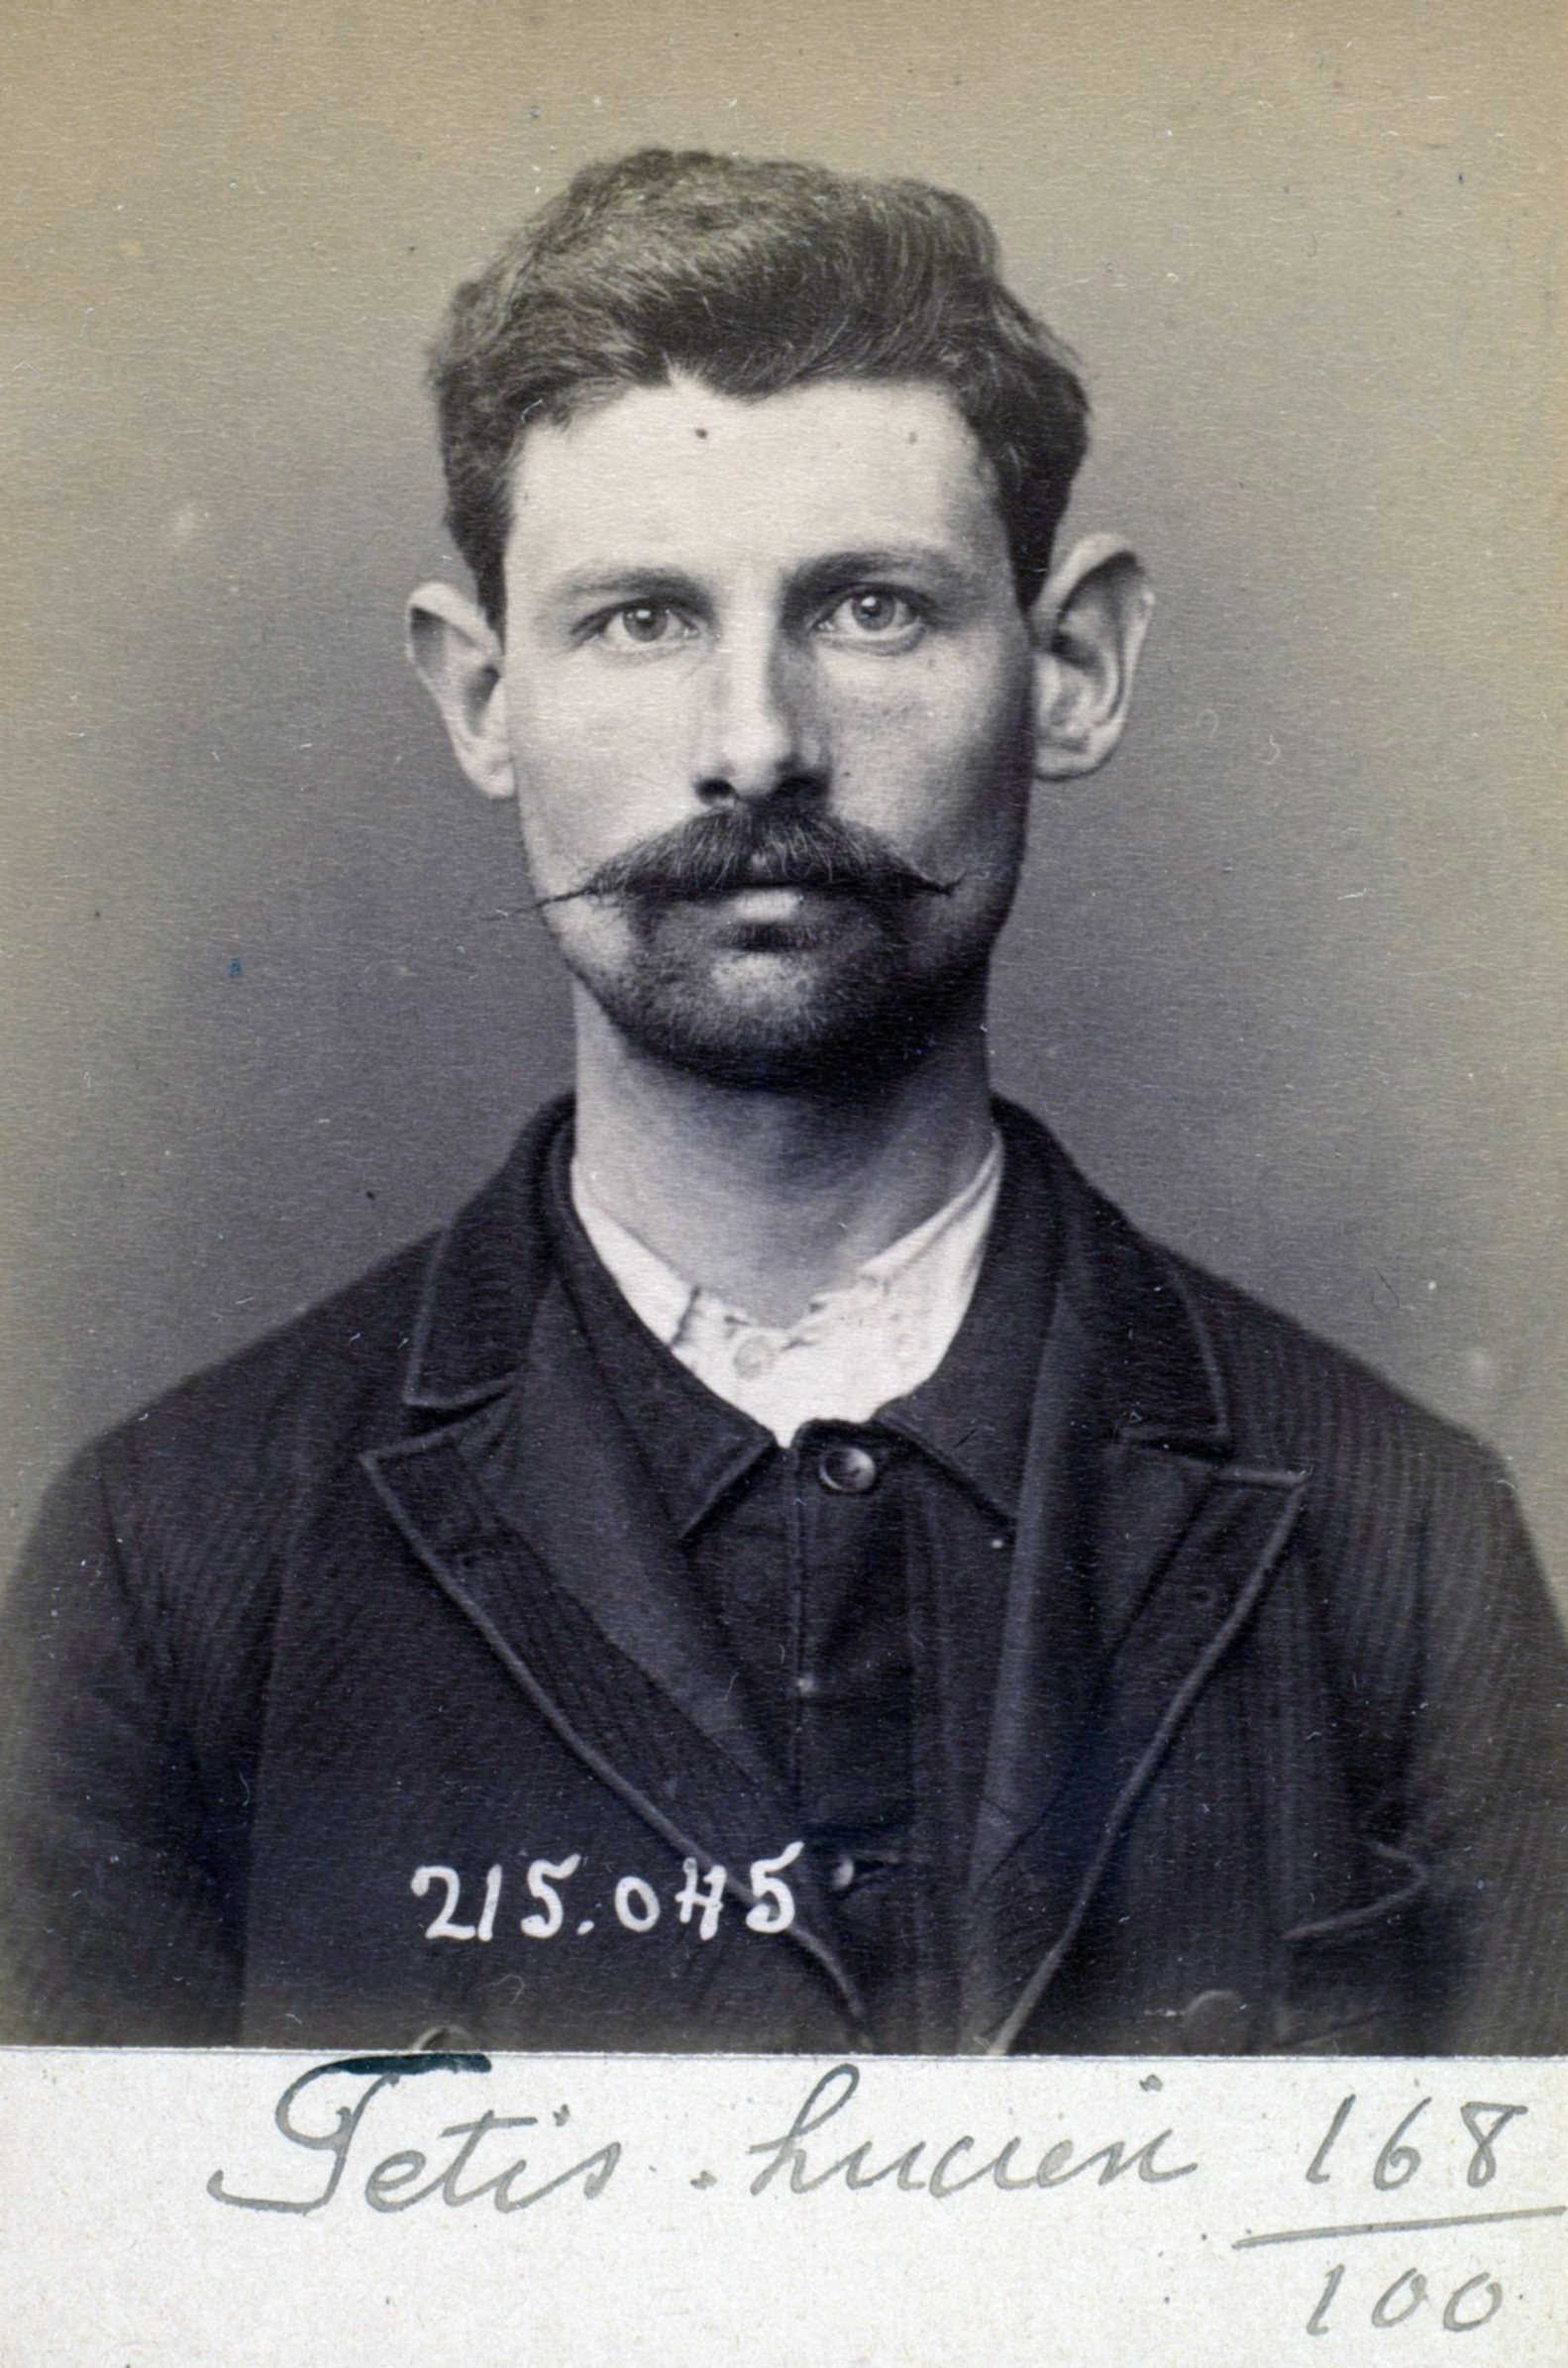 Foto policíaca de Lucien Fétis (3 de març de 1894)